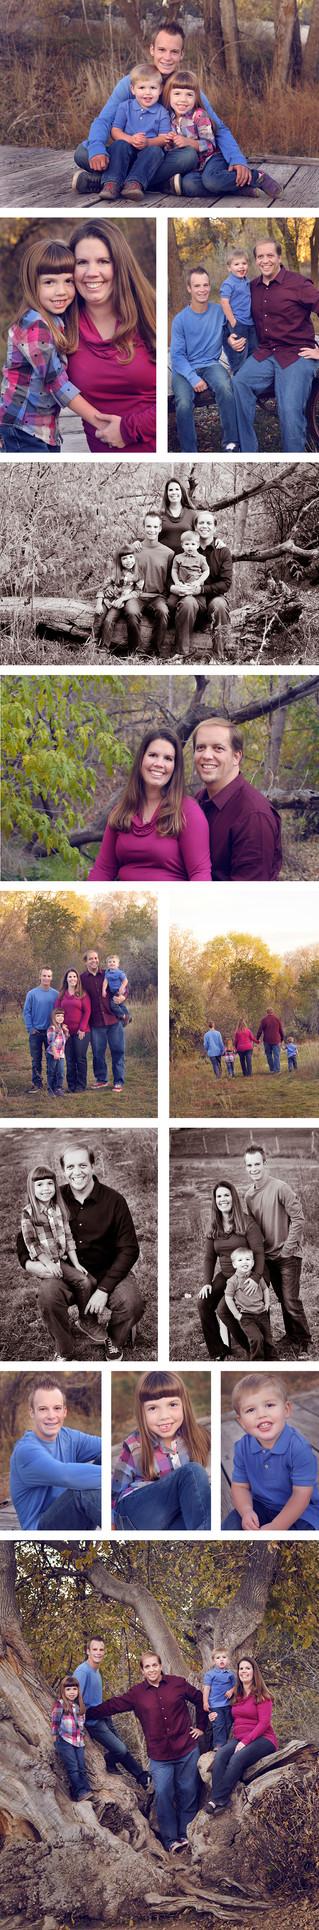 LeFevre Family